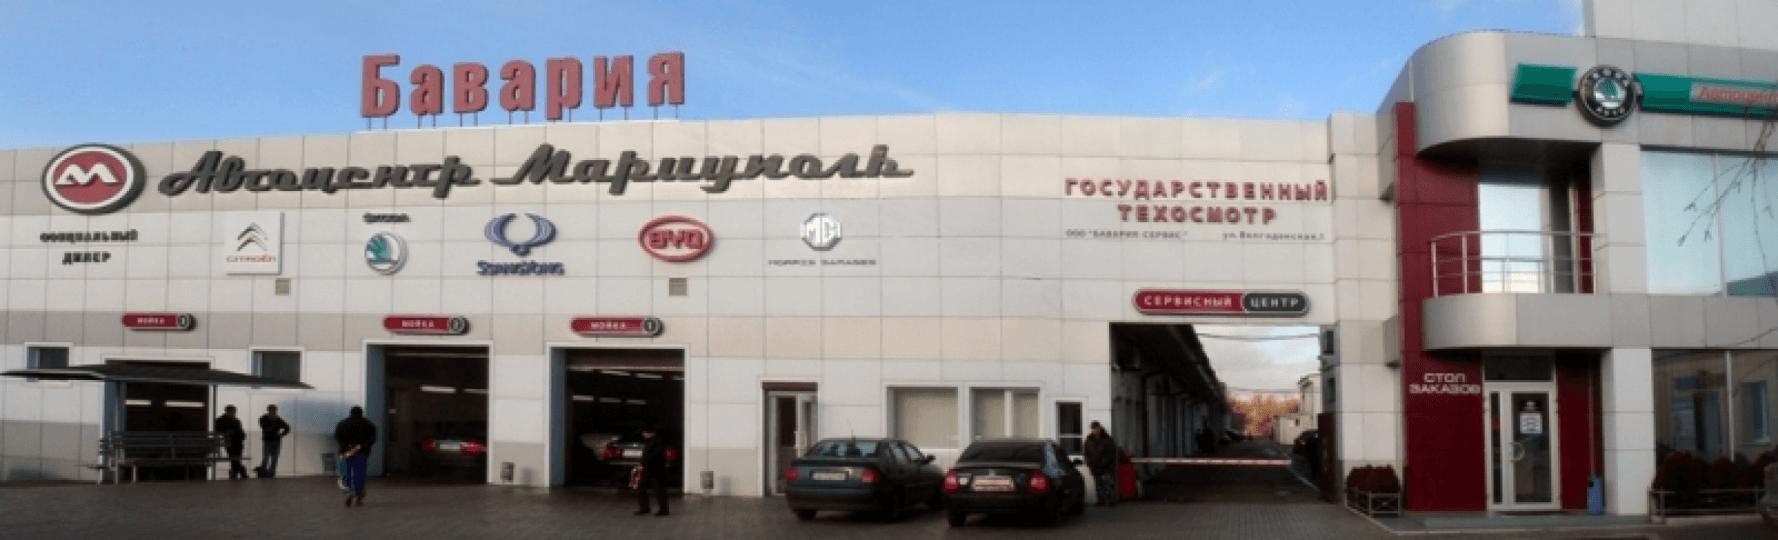 Автоцентр, СТО, 2021, ул. Азовстальская, 8а, записаться, отзывы